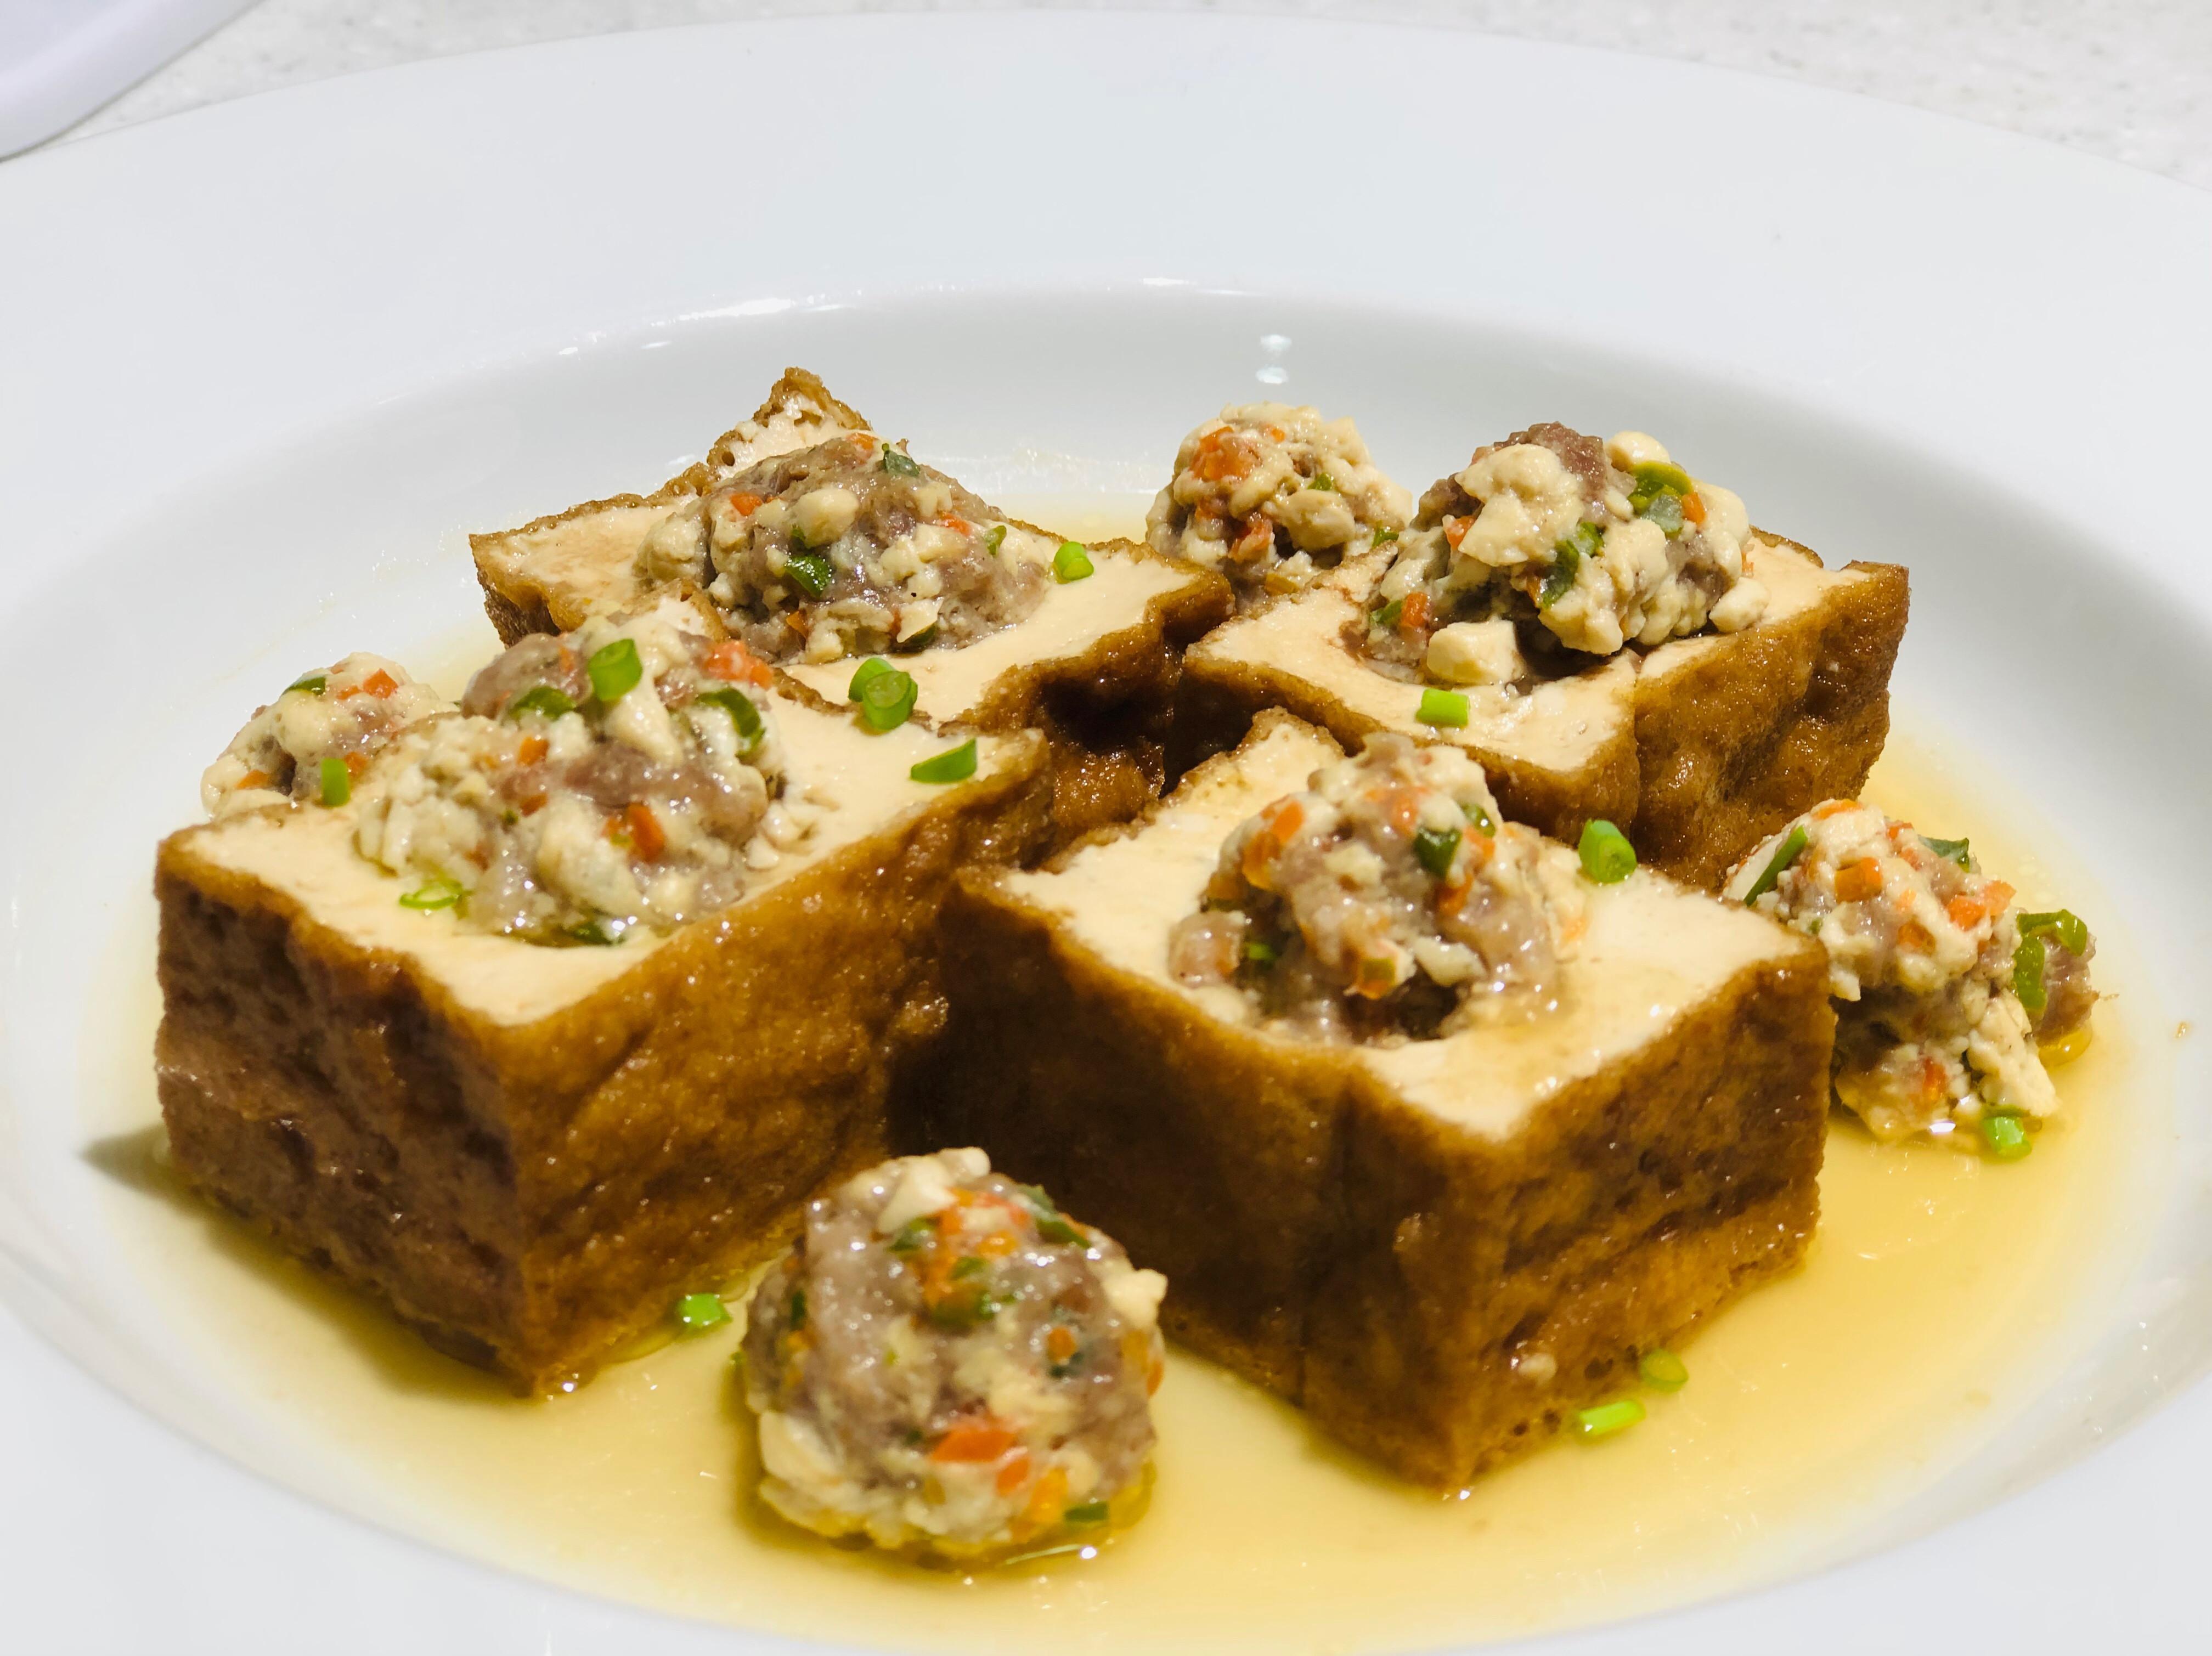 油豆腐鑲肉及油豆腐肉丸/中華鹽滷油豆腐